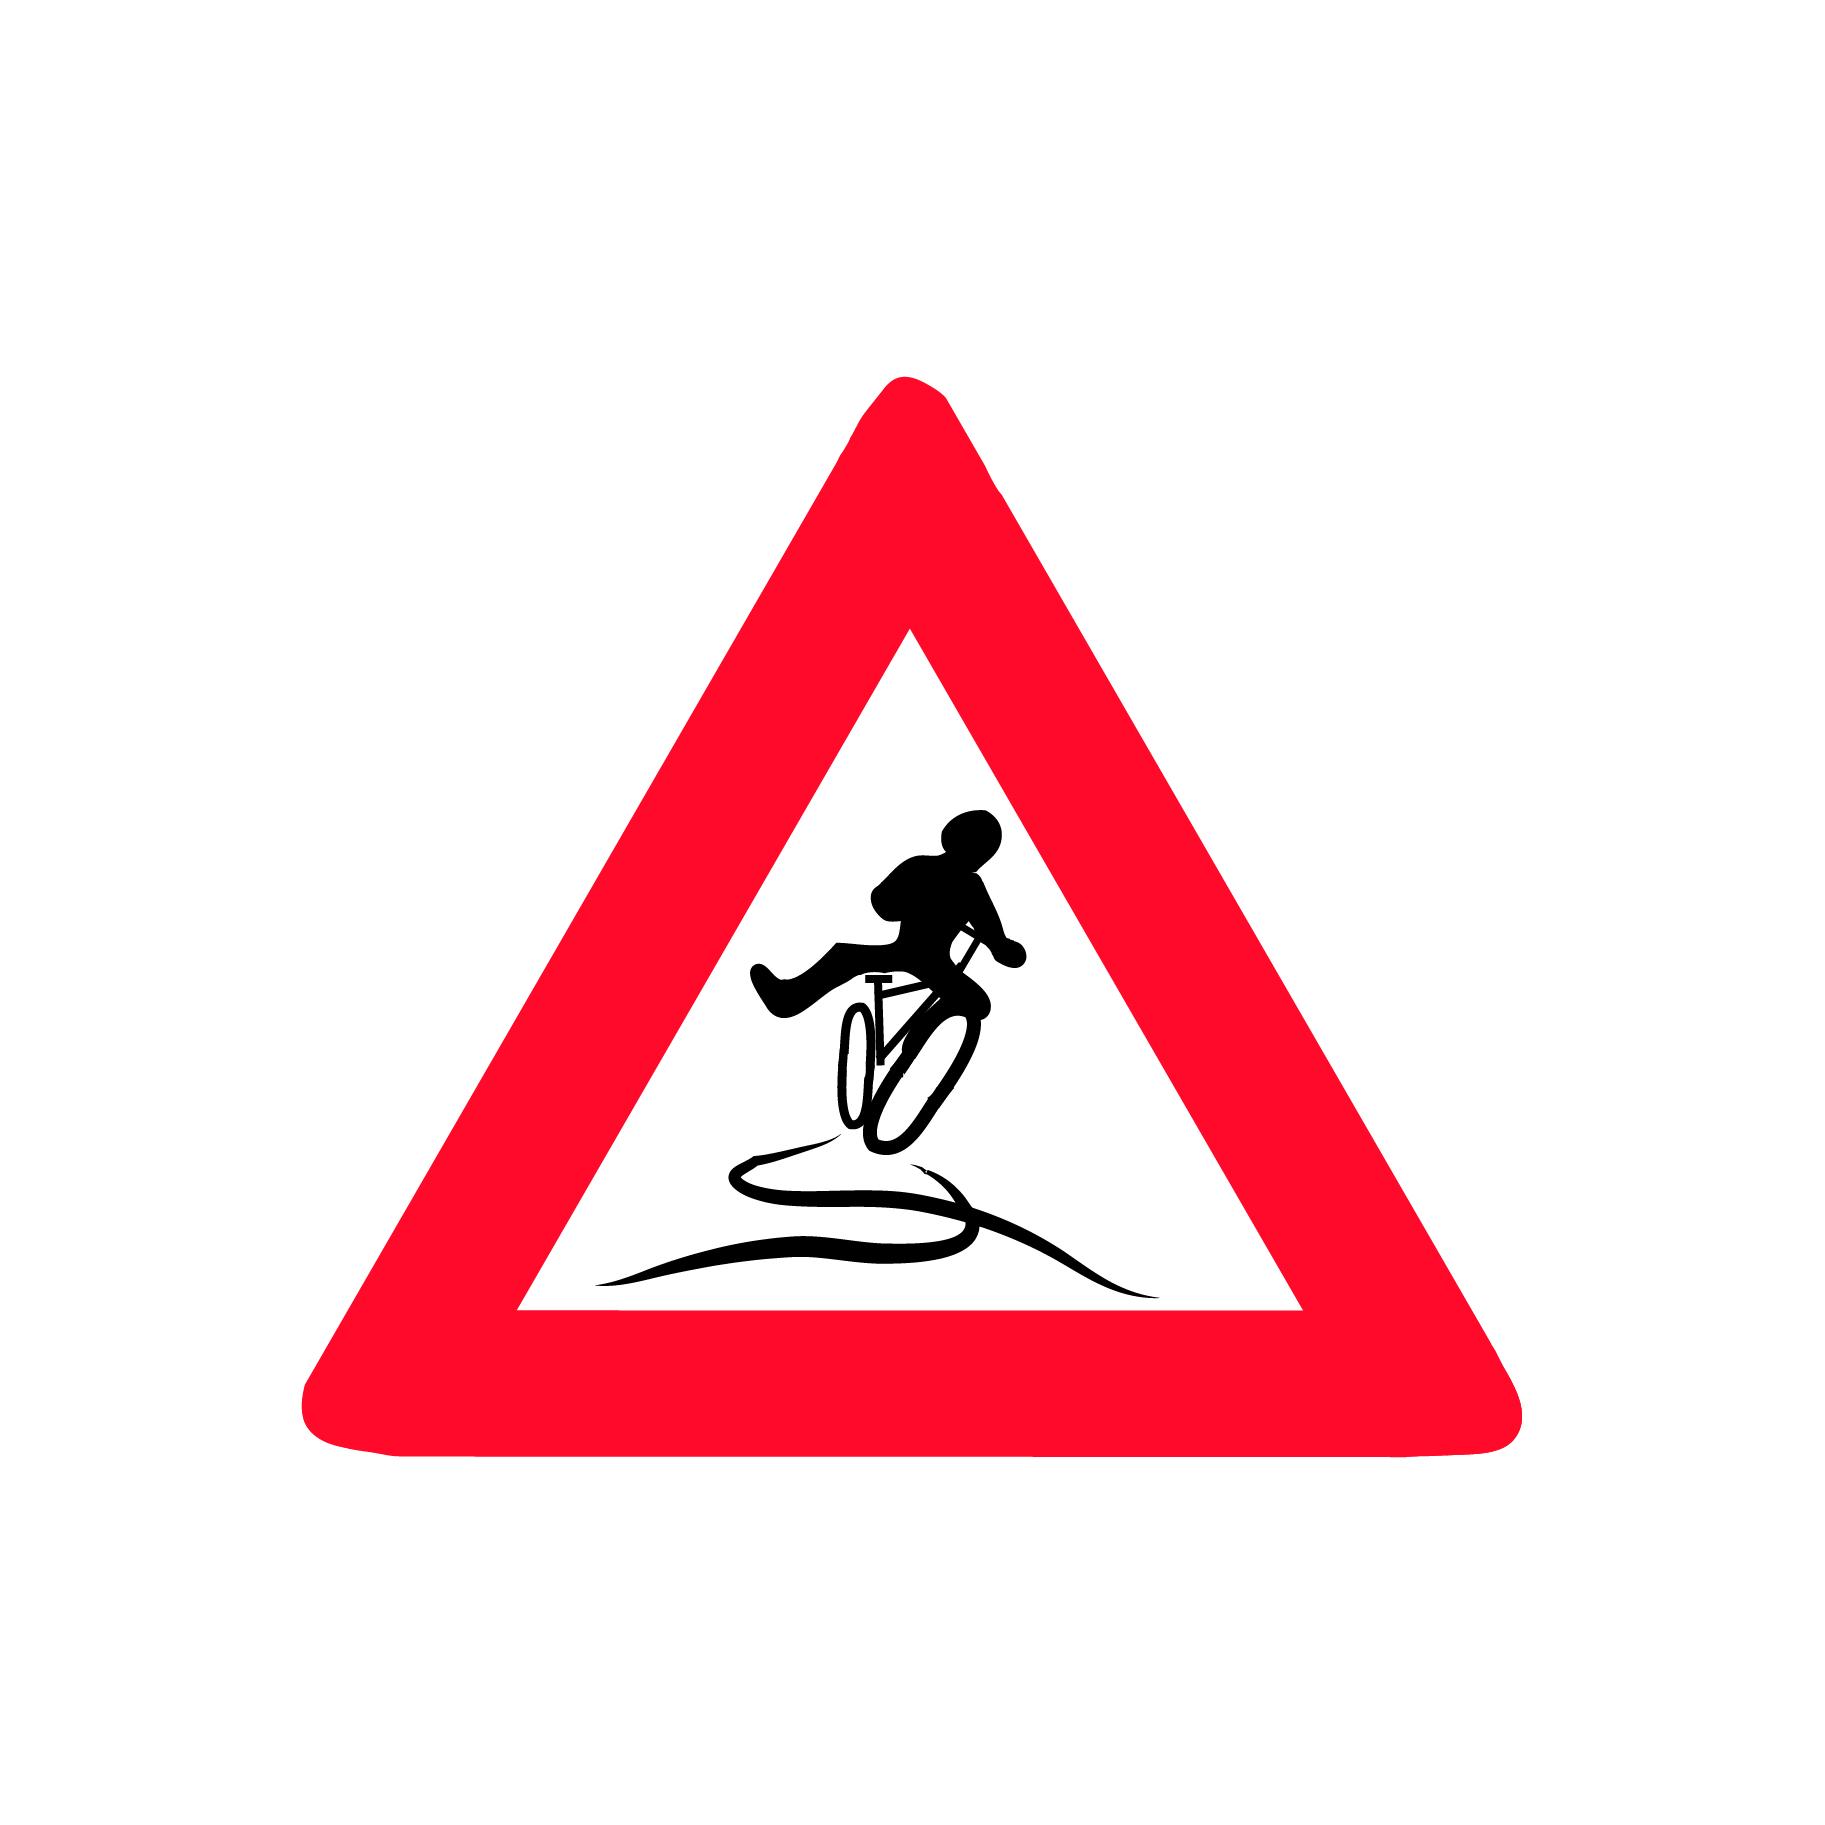 waarschuwingsbord_slipgevaar_voor_fiietsen-01